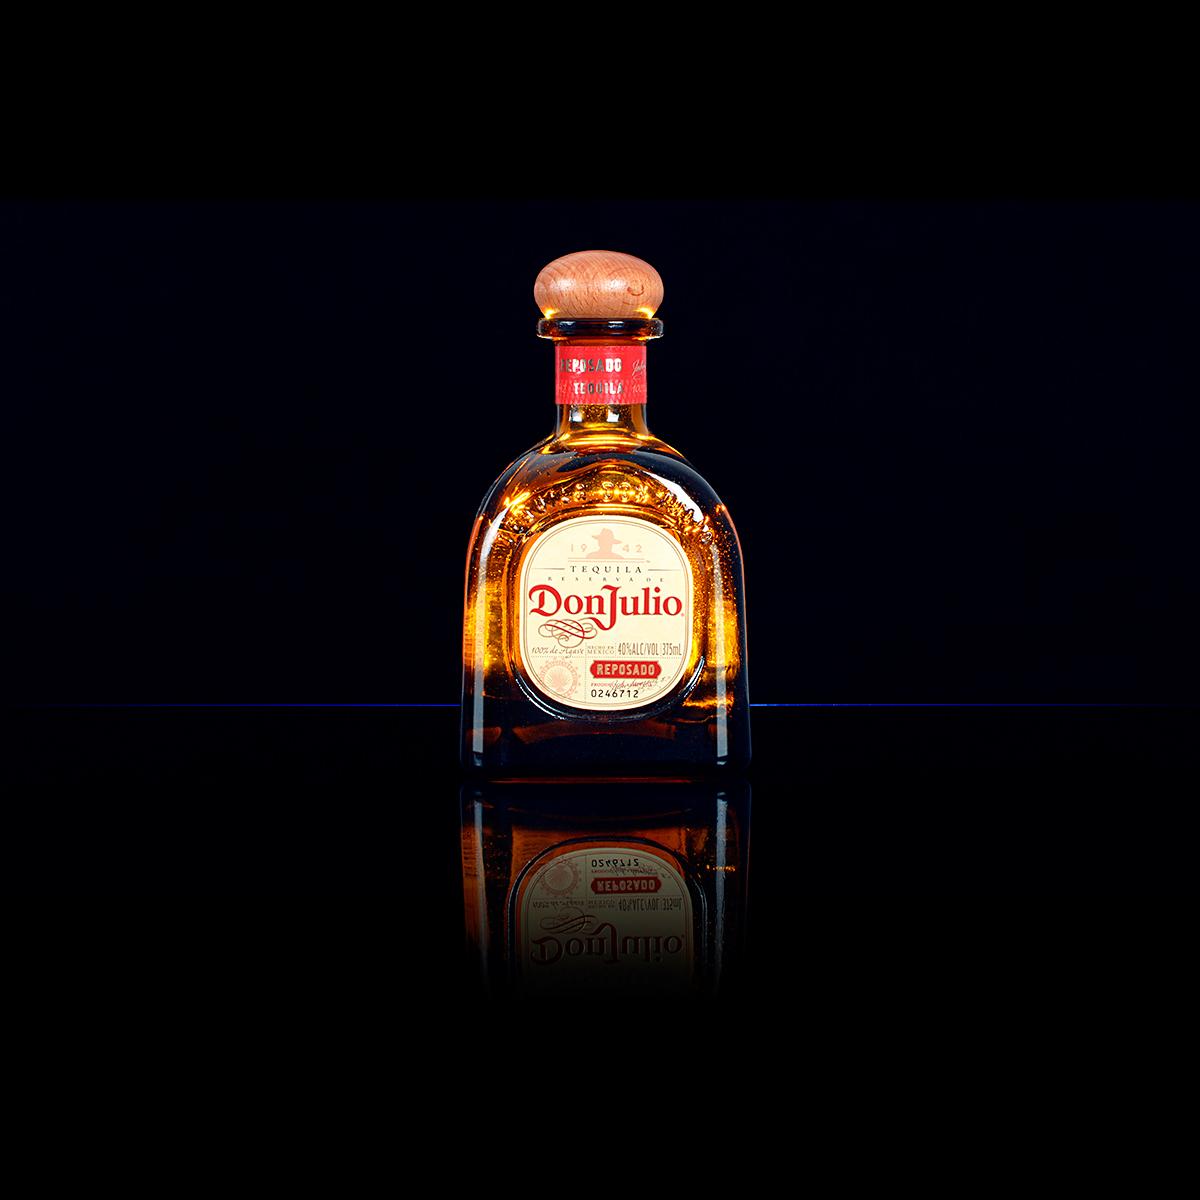 Łukasz Liszko - fotografia produktowa - packshots - Tequila DonJulio